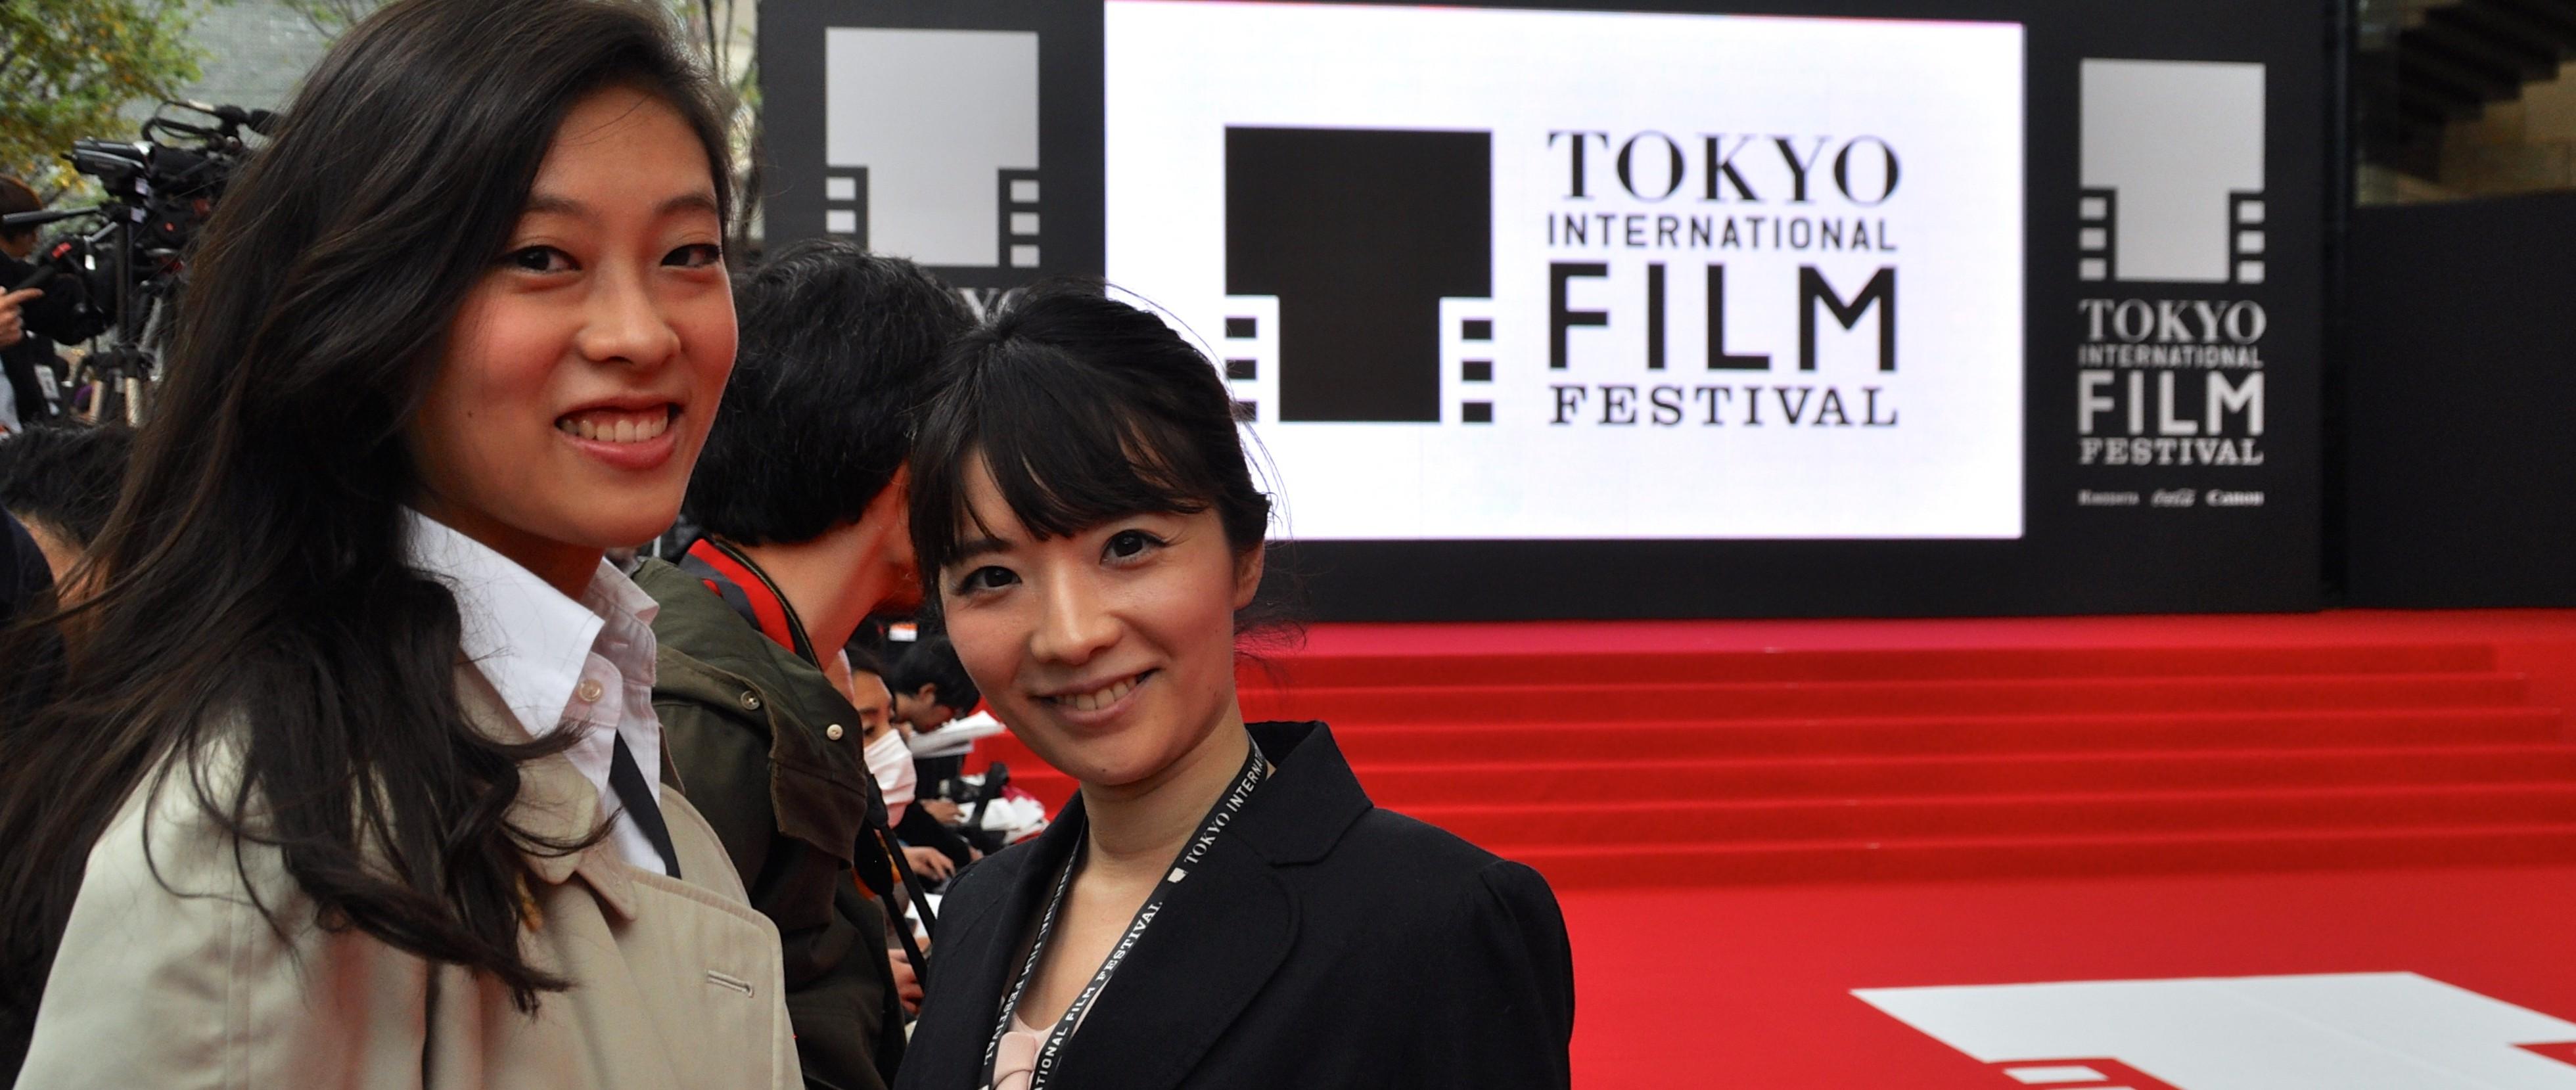 第27回東京国際映画祭 前編 「レッドカーペットから歌舞伎座まで♪ girlsArtalk的東京国際